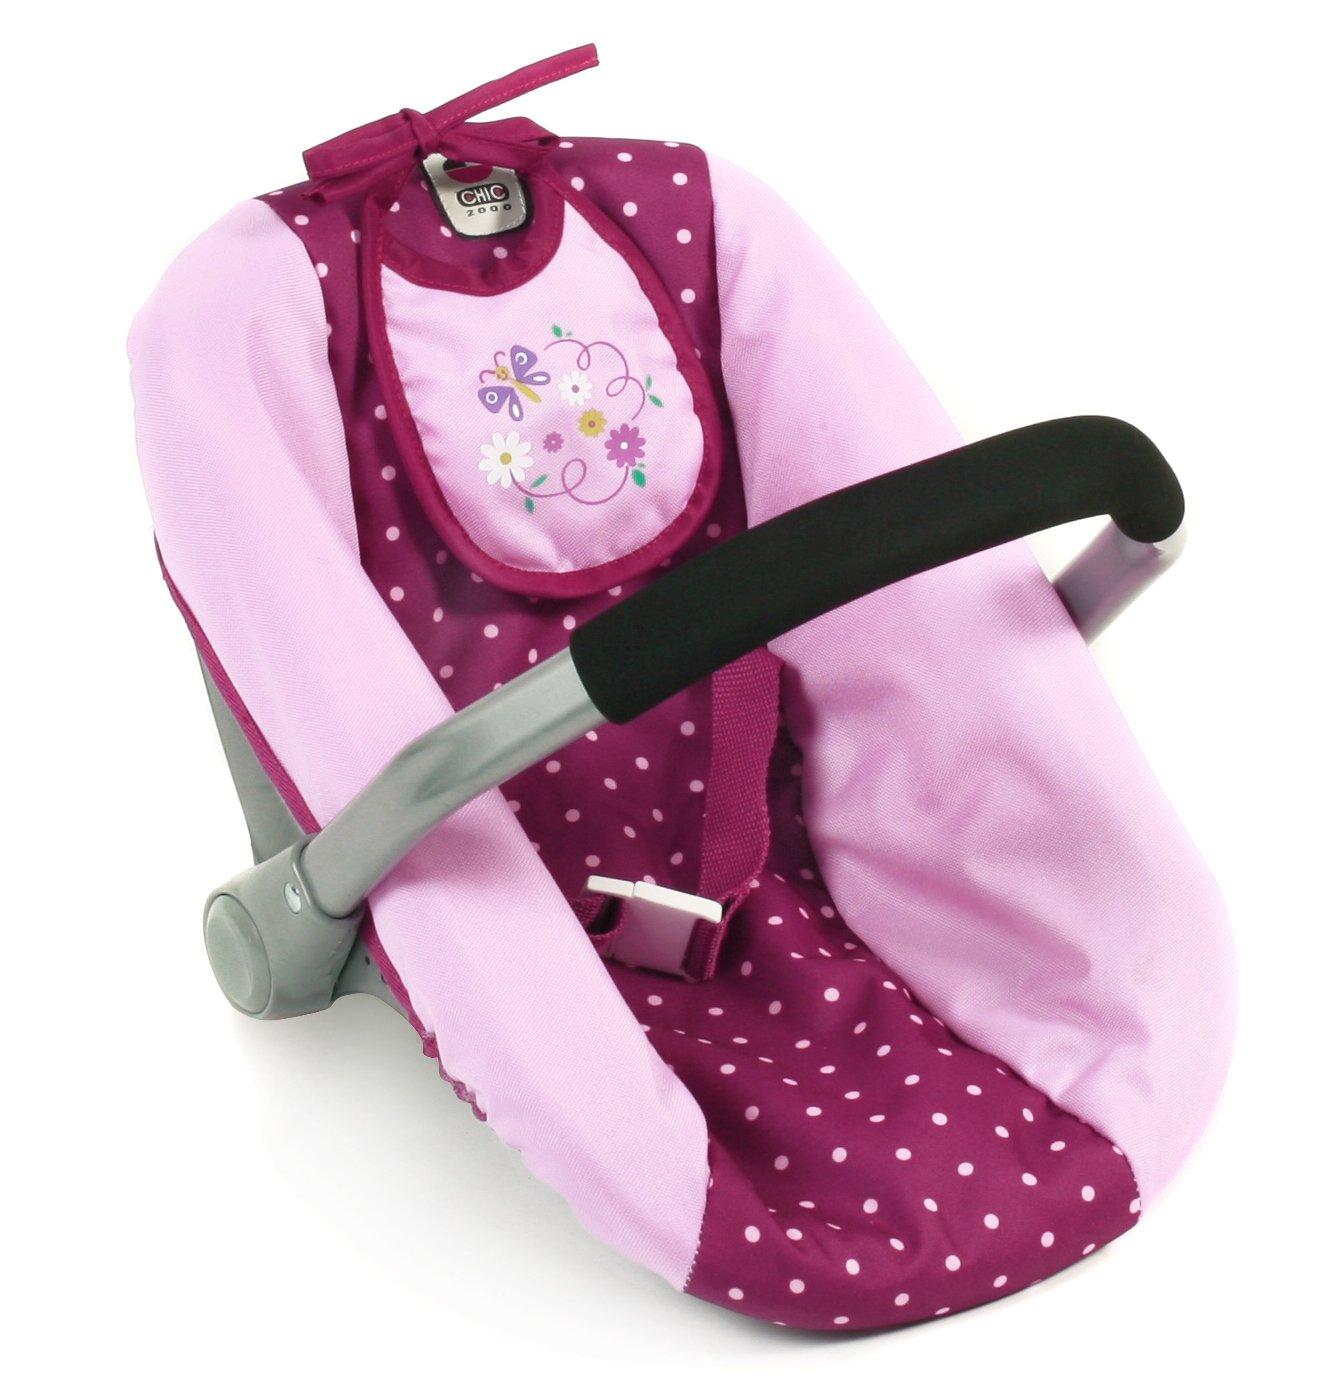 Lila Bayer Chic 2000 708 25 Puppen-Autositz f/ür Babypuppen